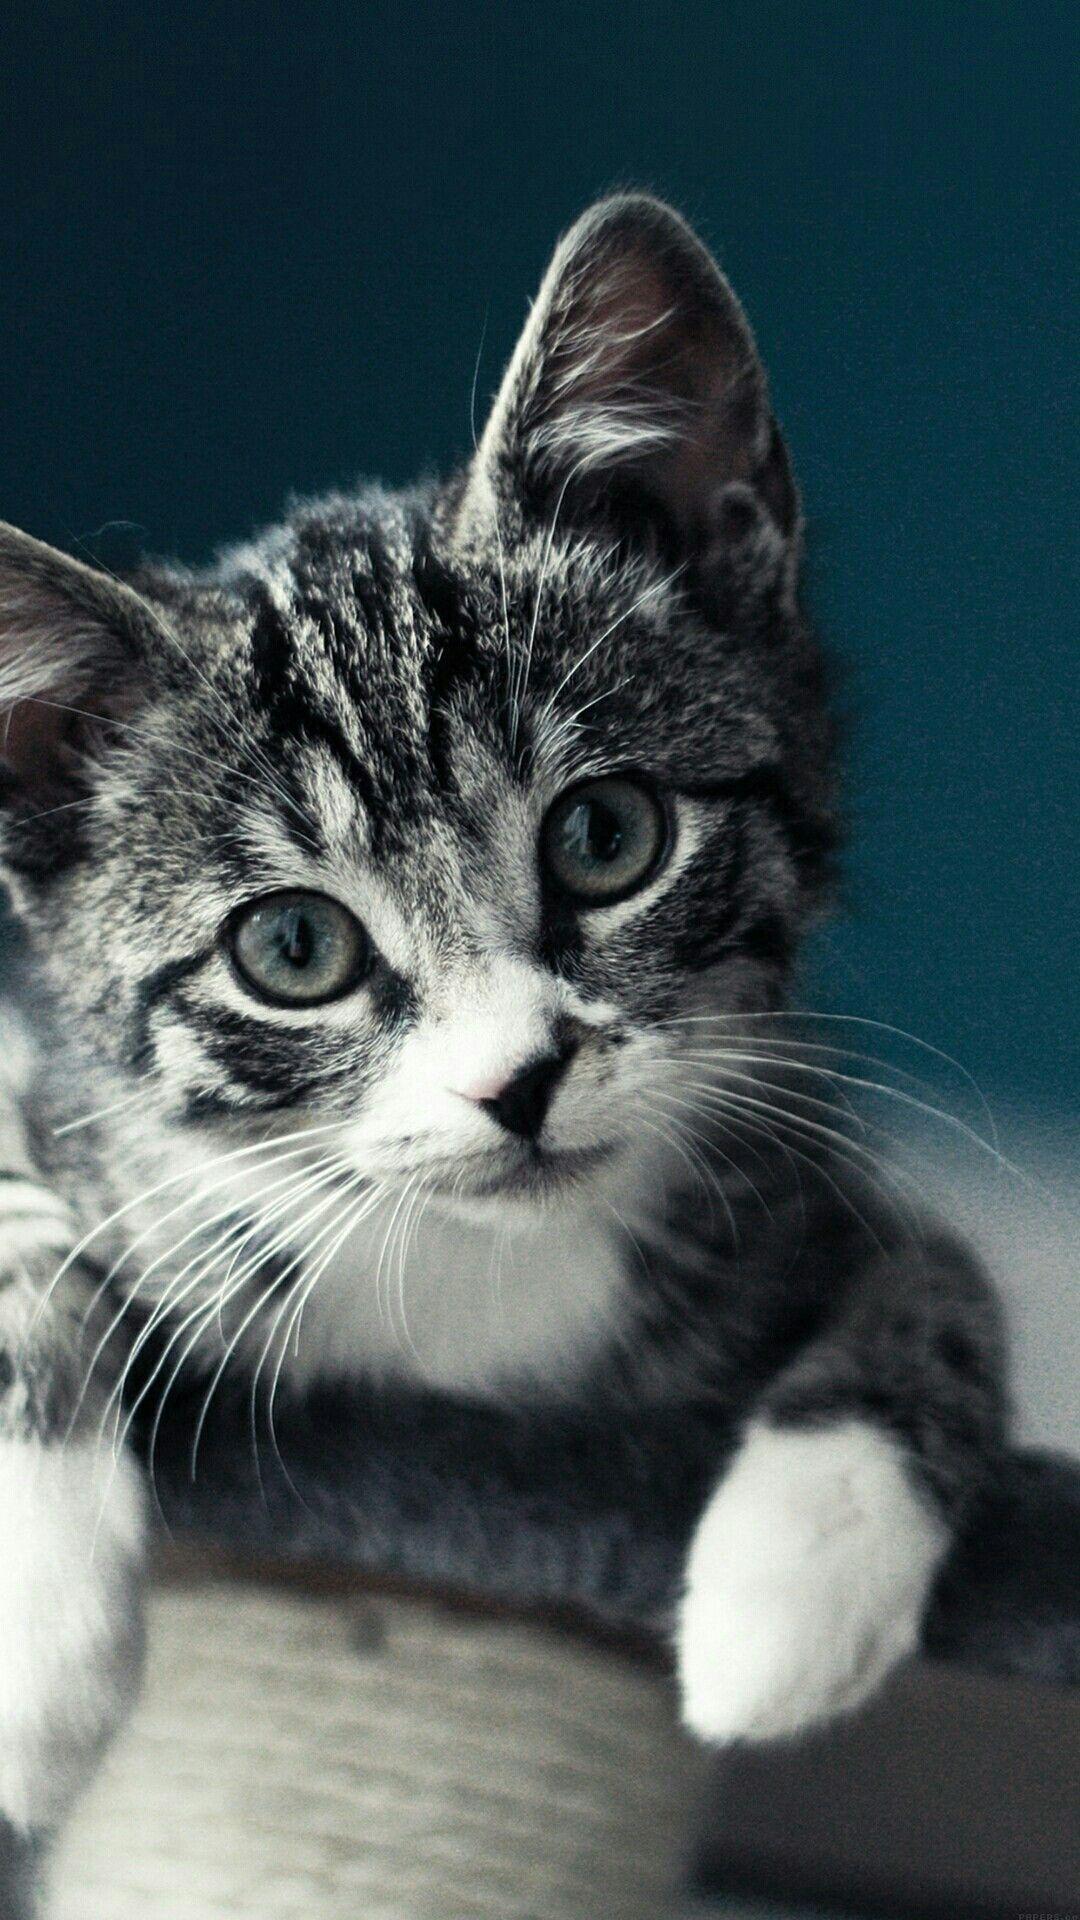 Pin By Saho Souhila On Animaux Kitten Wallpaper Kittens Cutest Cute Cat Wallpaper